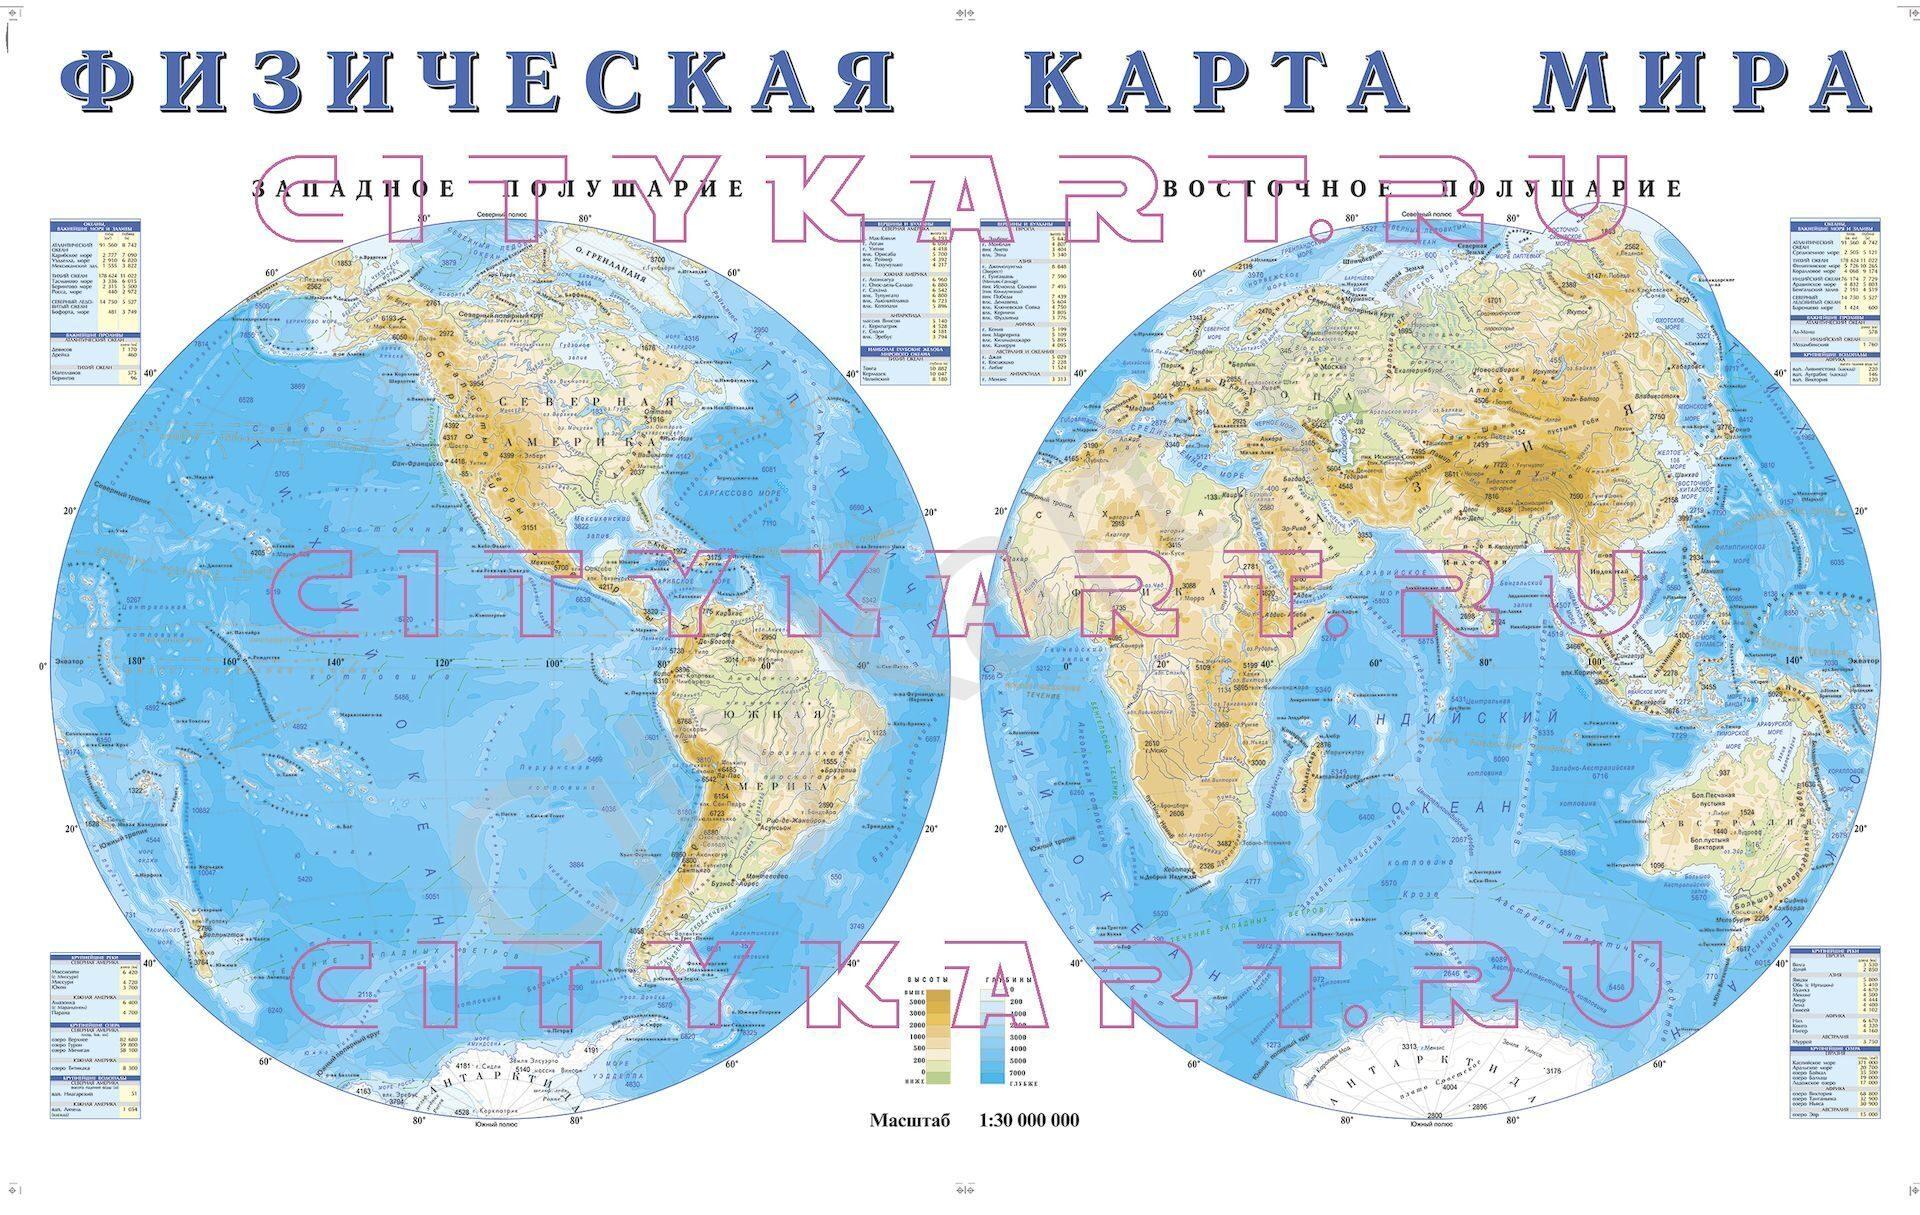 Karta Polusharij Formata 2400 H 1500 Mm Na Zh Osnove Internet